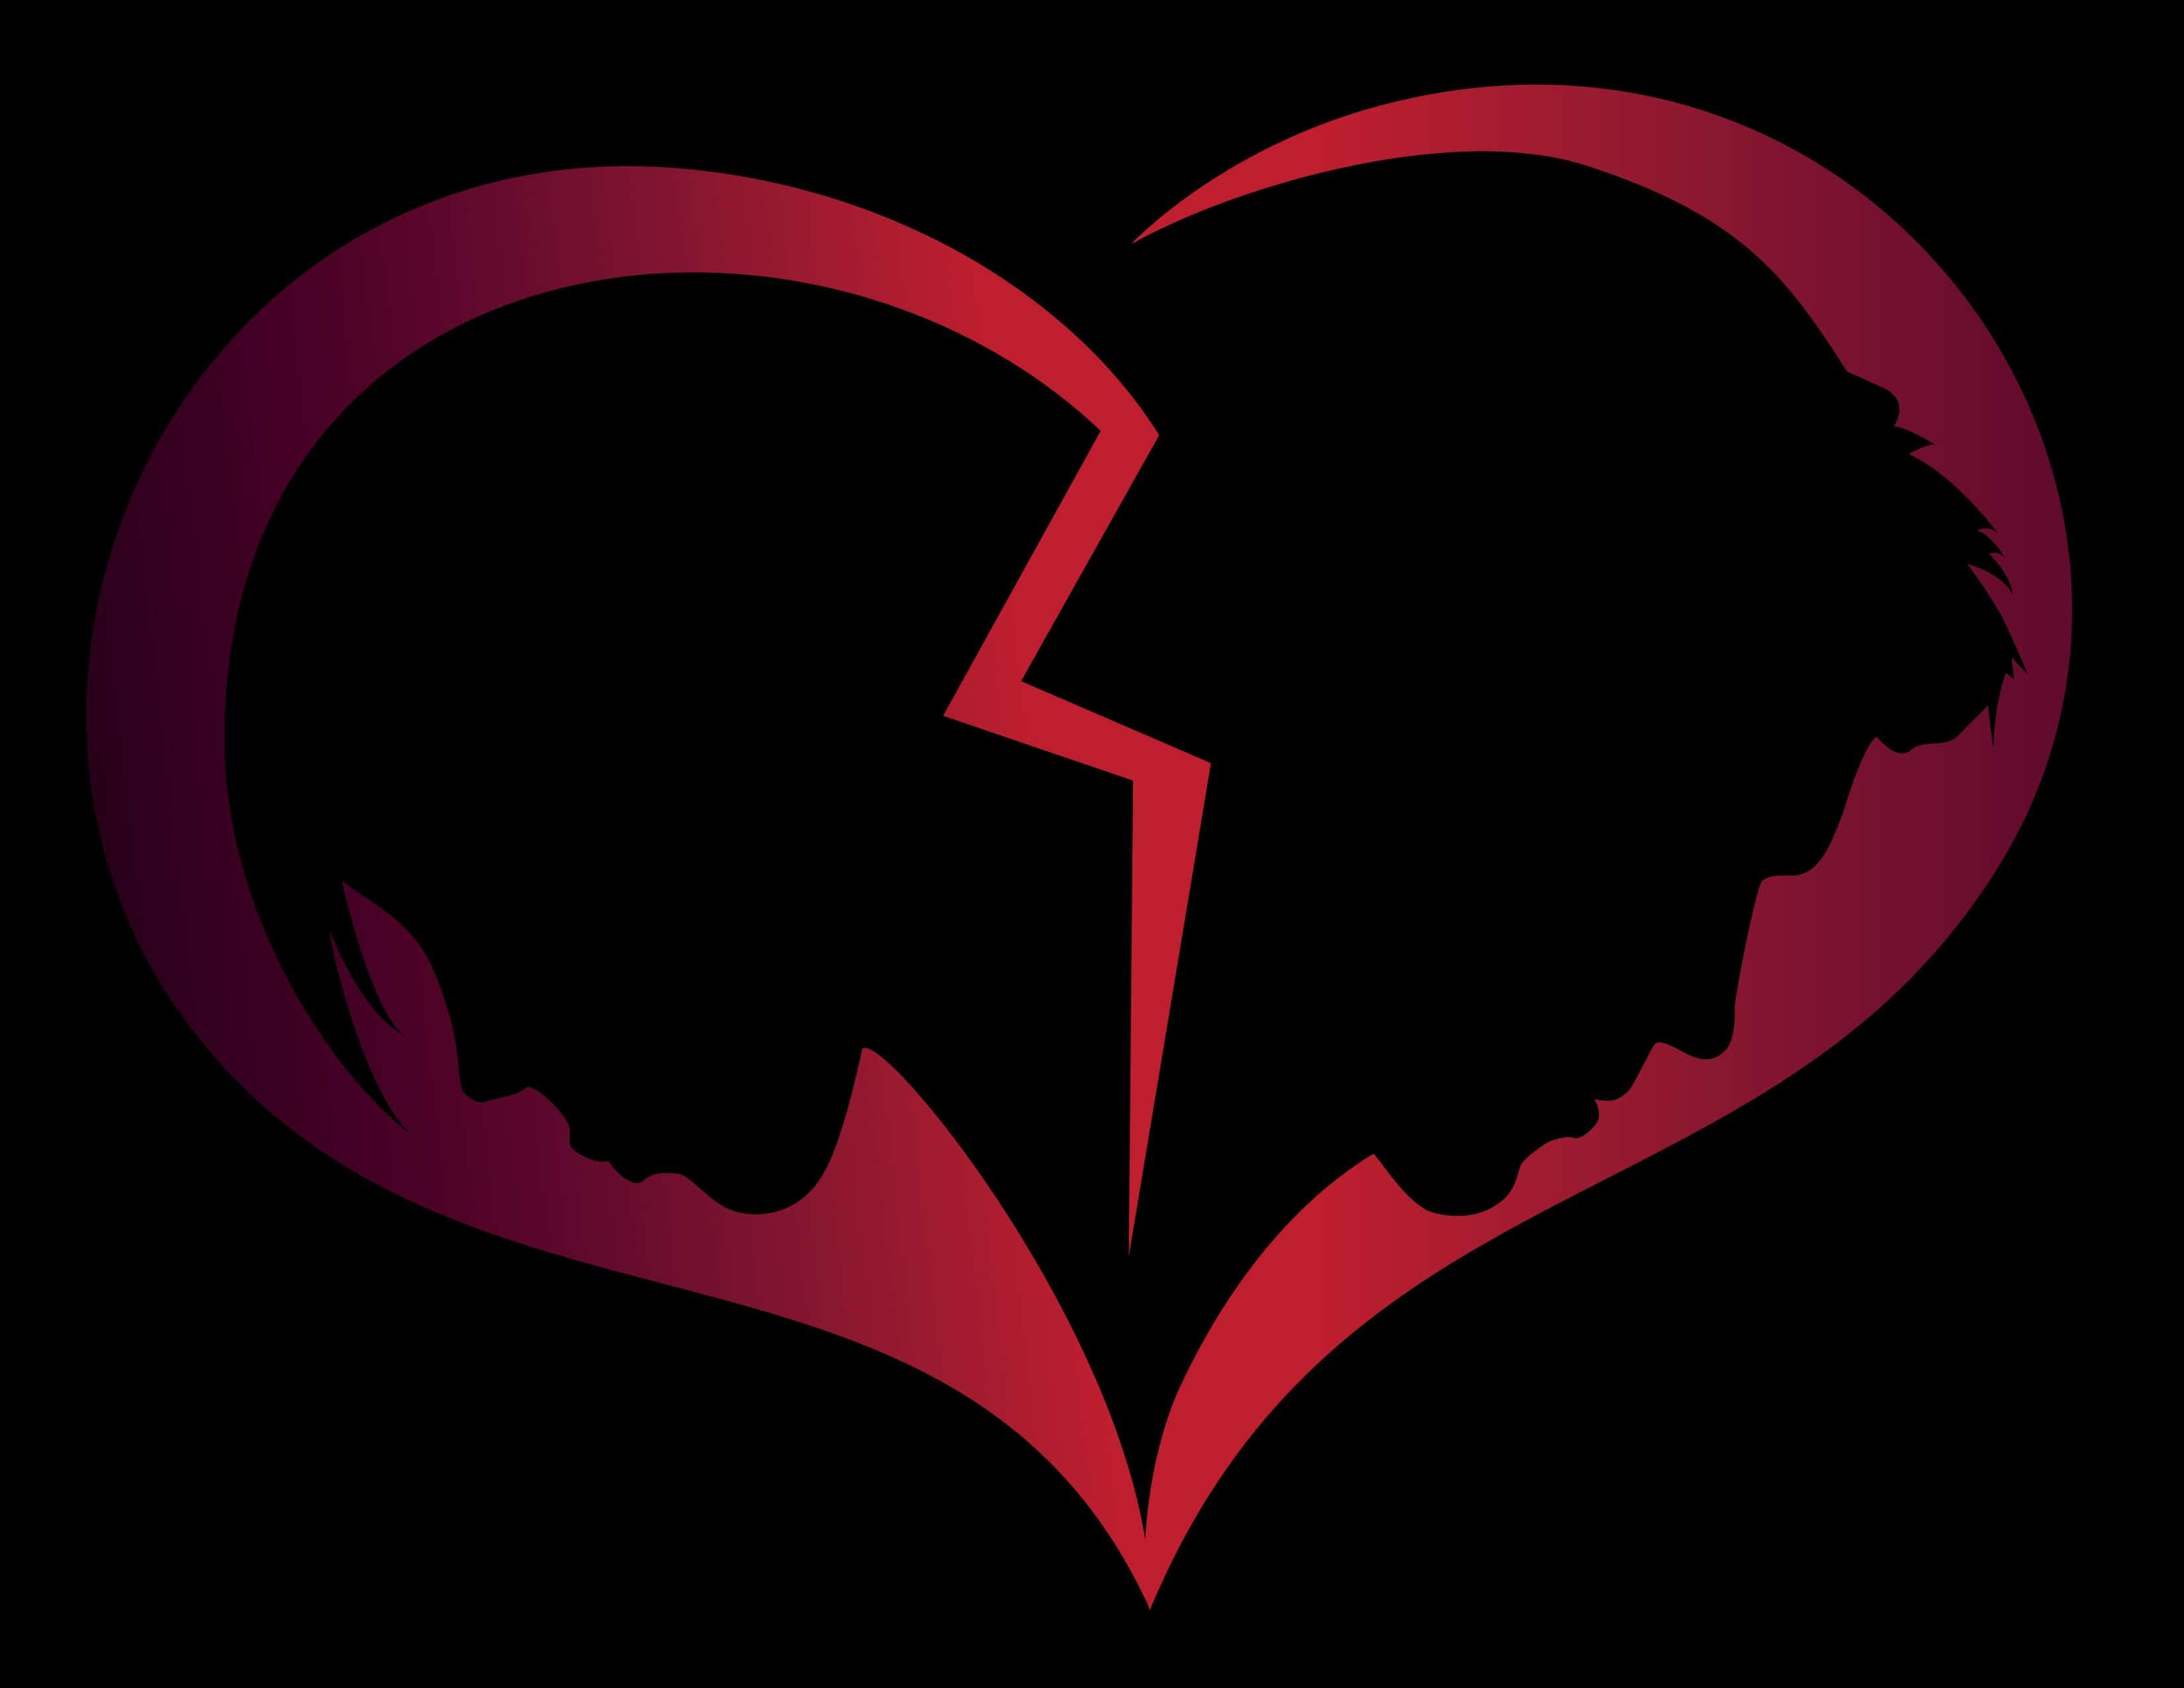 broken heart mnb